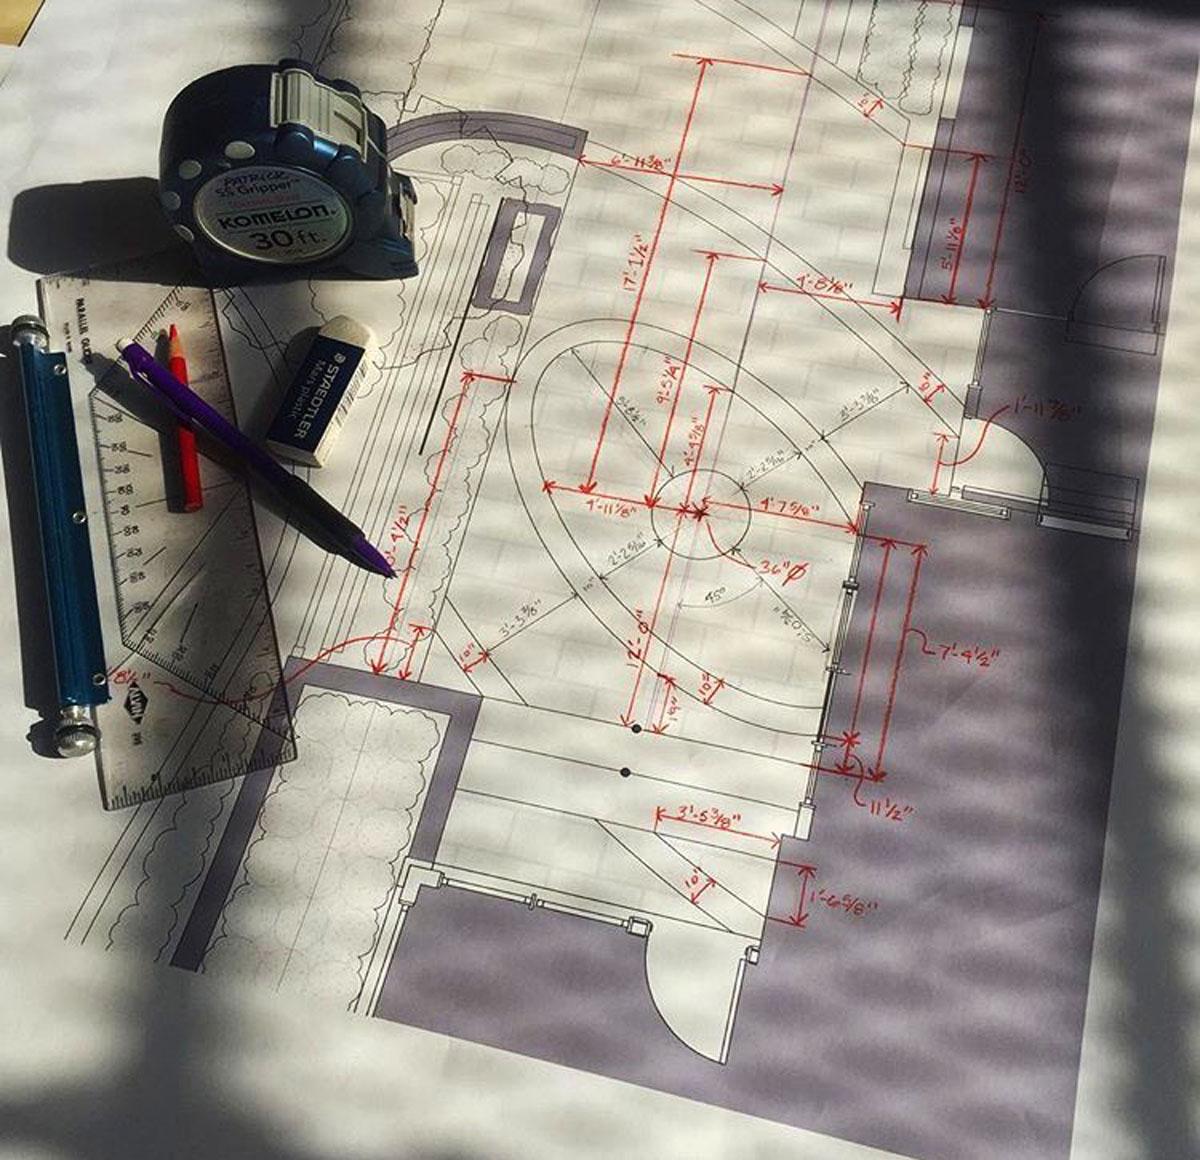 design_measurements_drafting.jpg